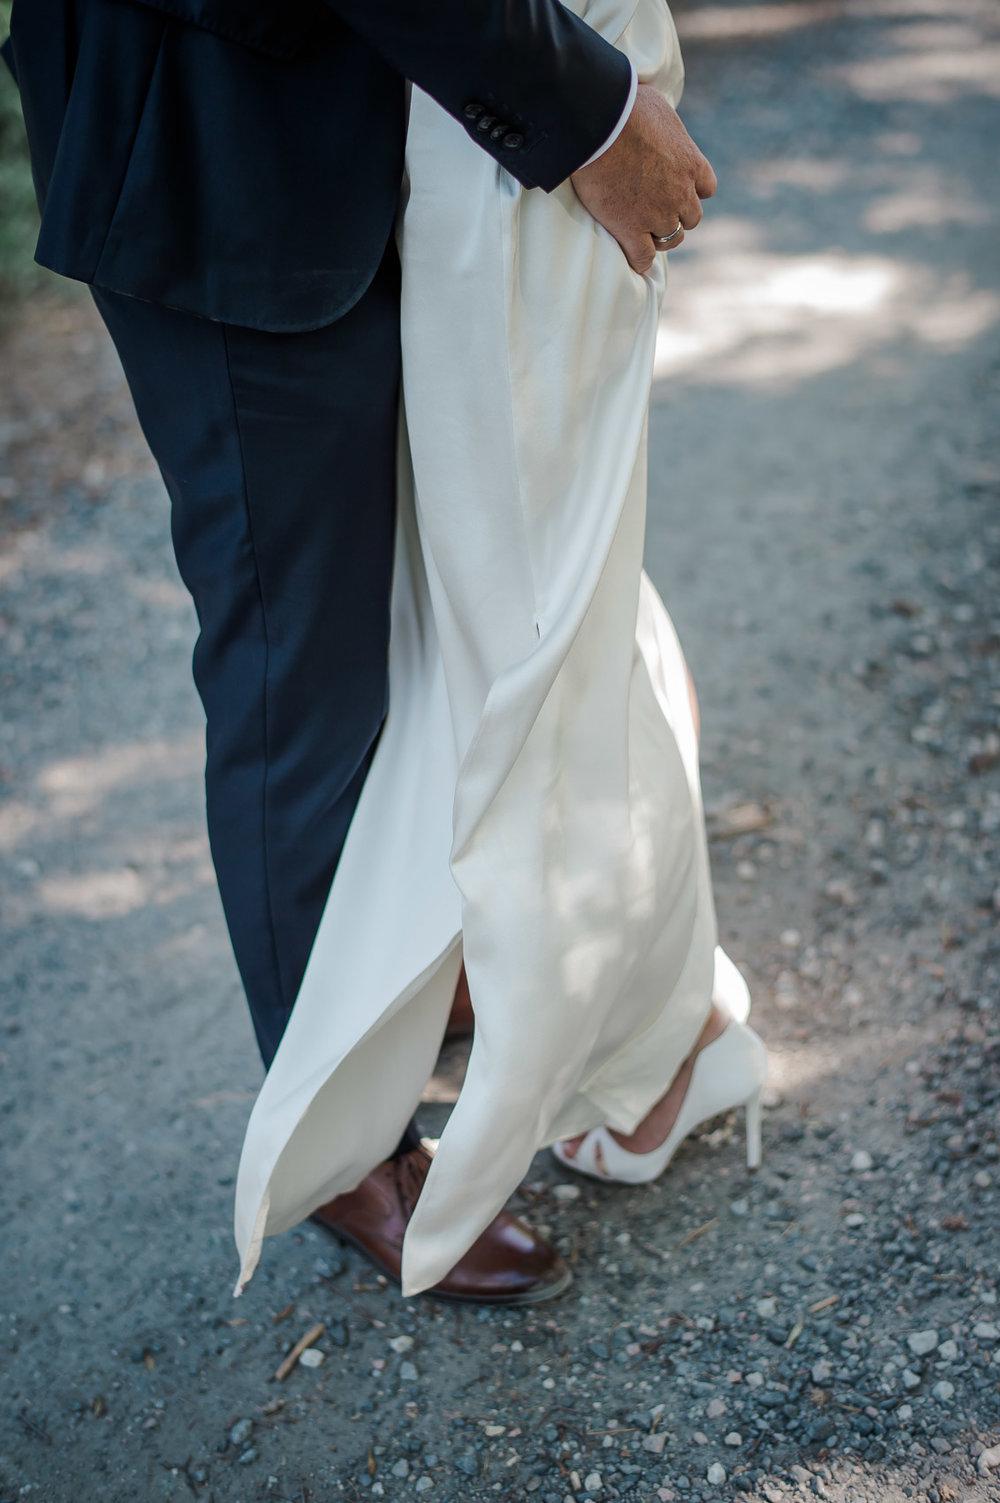 bryllup-fotograf-tønsberg-bryllupsfotograf-langesund bad-56.jpg